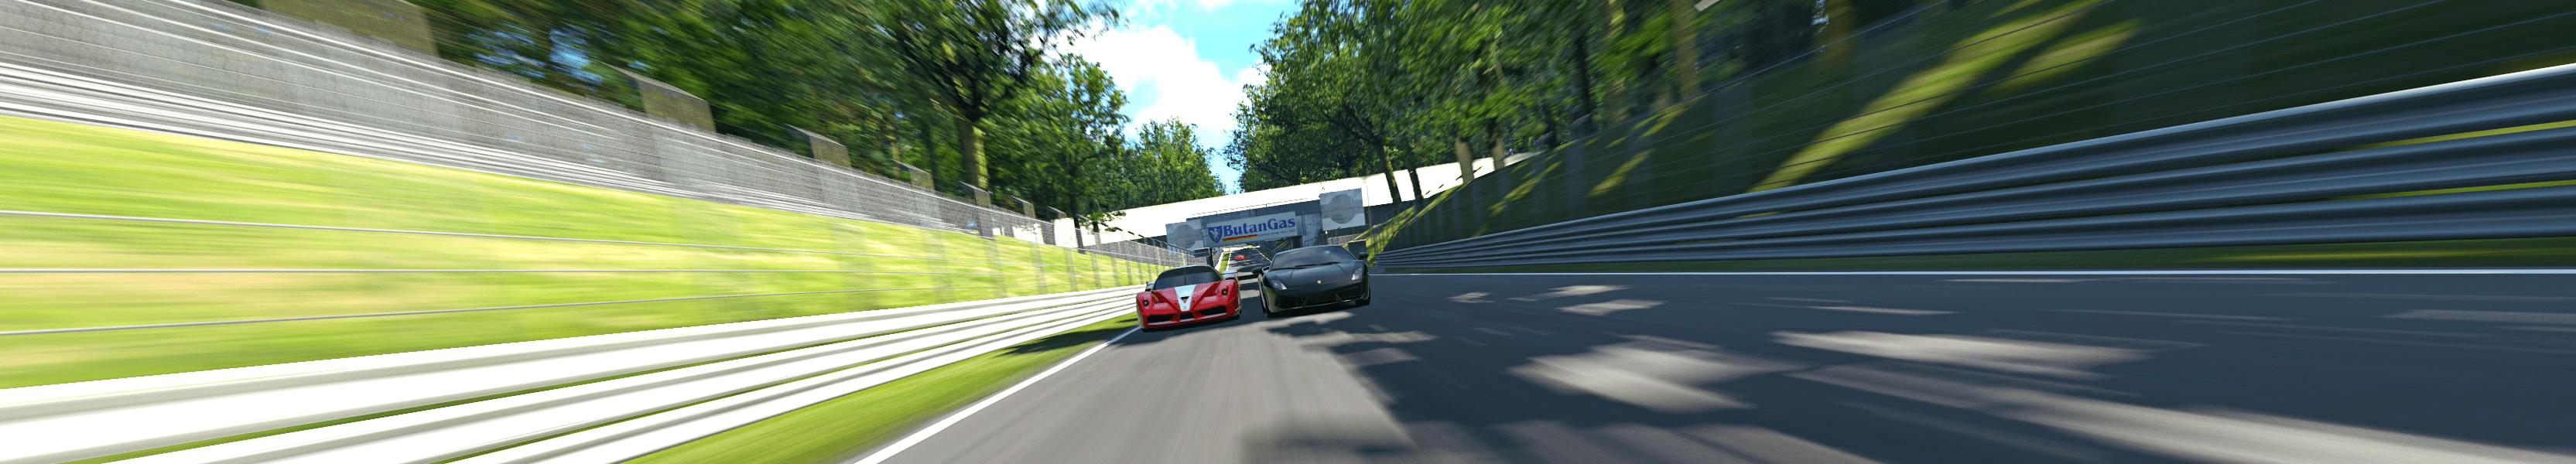 Autodromo Nazionale Monza_15Edit.png